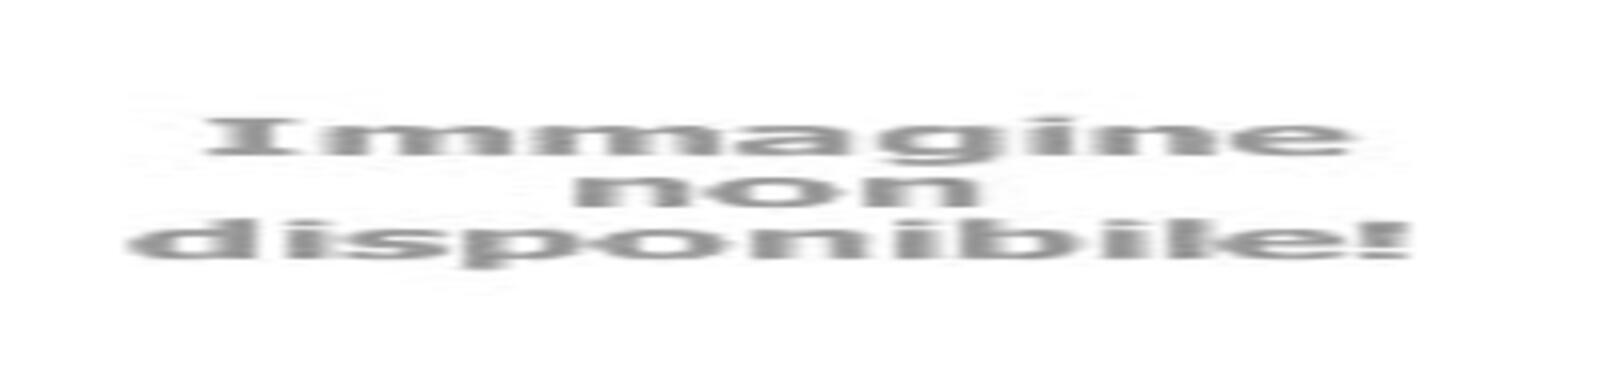 petronianaviaggi it il-mare-del-cilento-v112 002